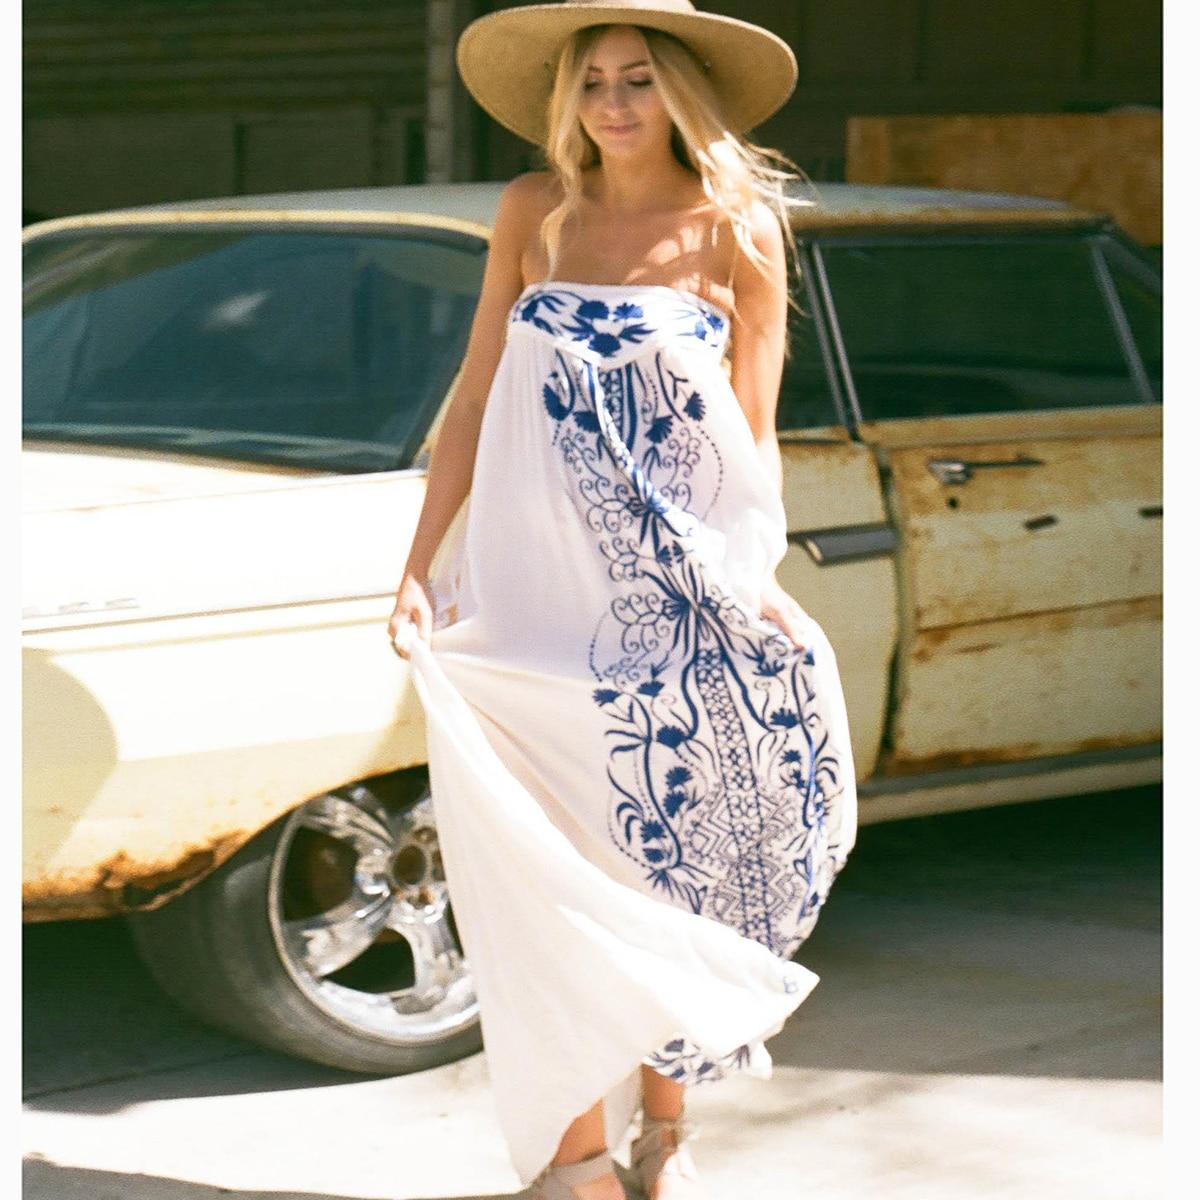 Broderie blanche Maxi robe femmes Vintage Chic sans bretelles Sexy robes 2019 vêtements d'été plage Hippie Boho Floral lâche robe